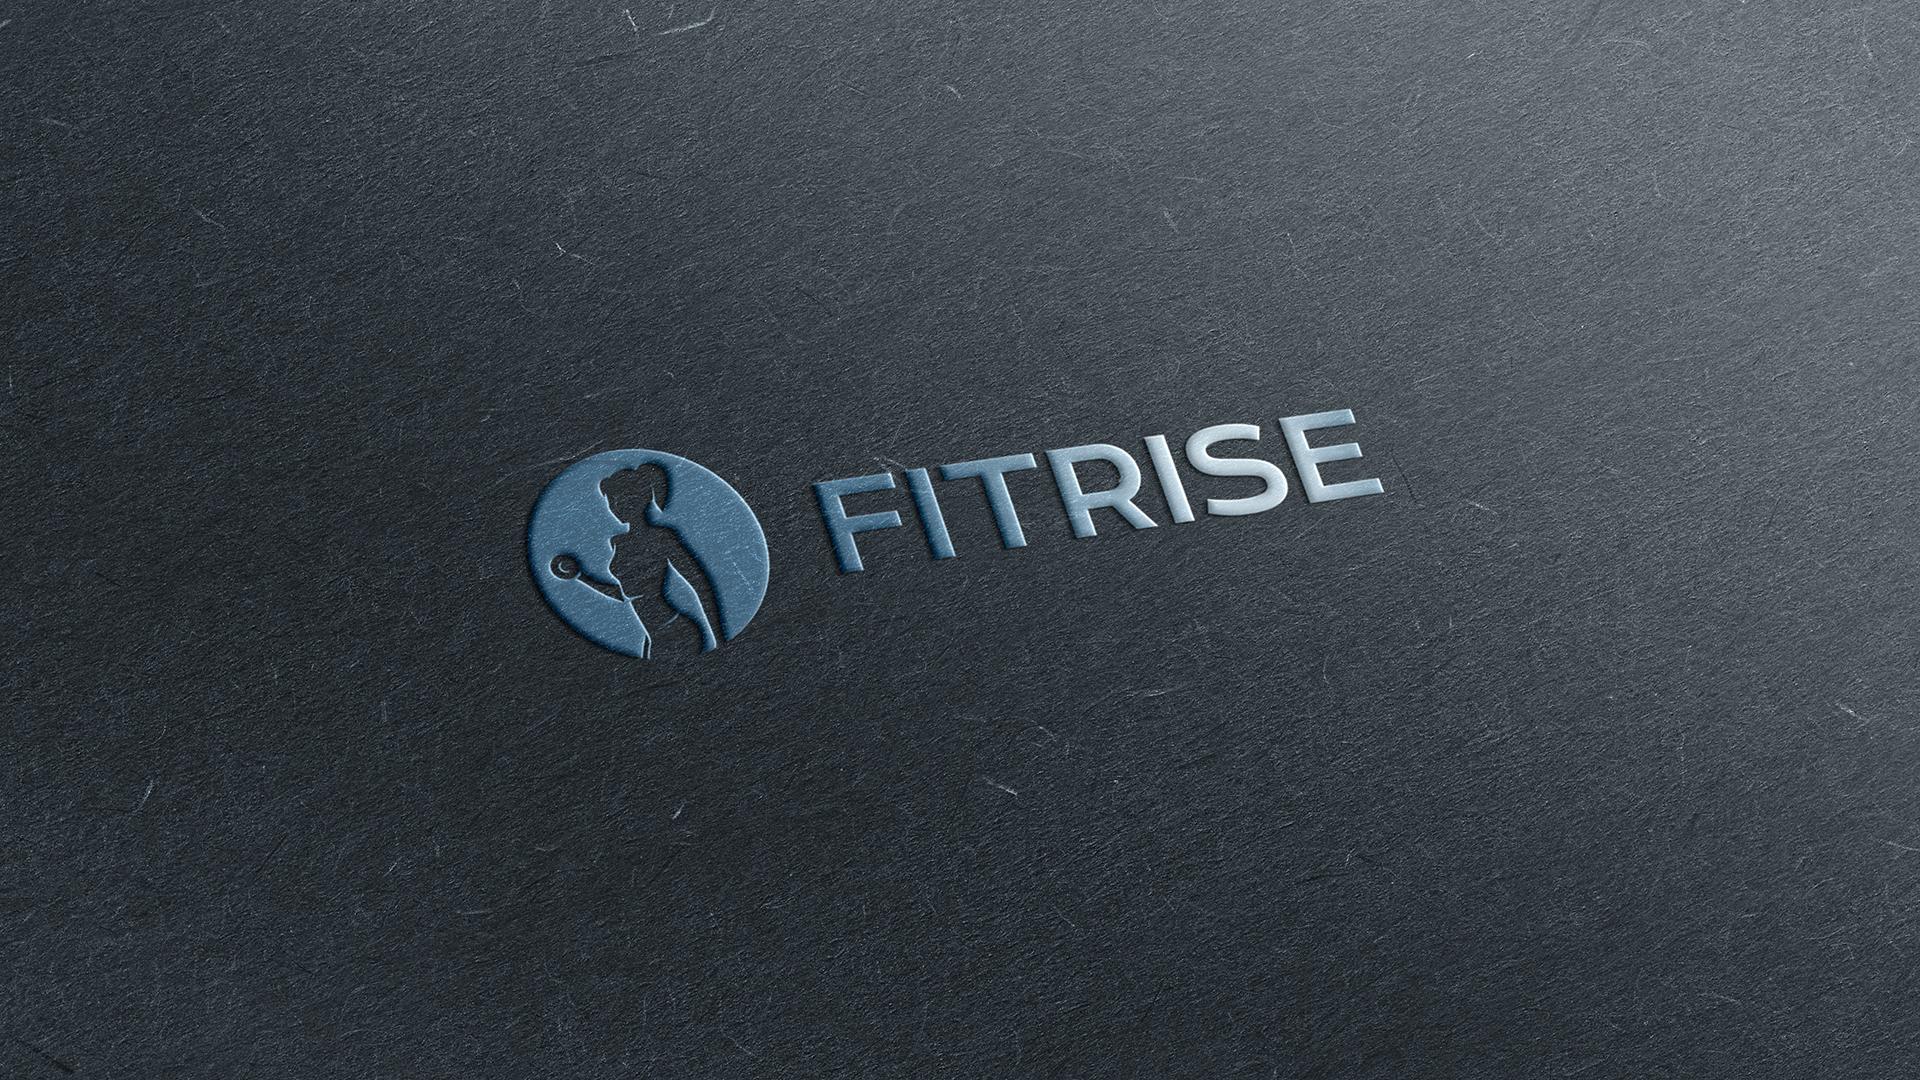 придумать название для онлайн школы похудения и спорта фото f_7575aa979447775b.jpg